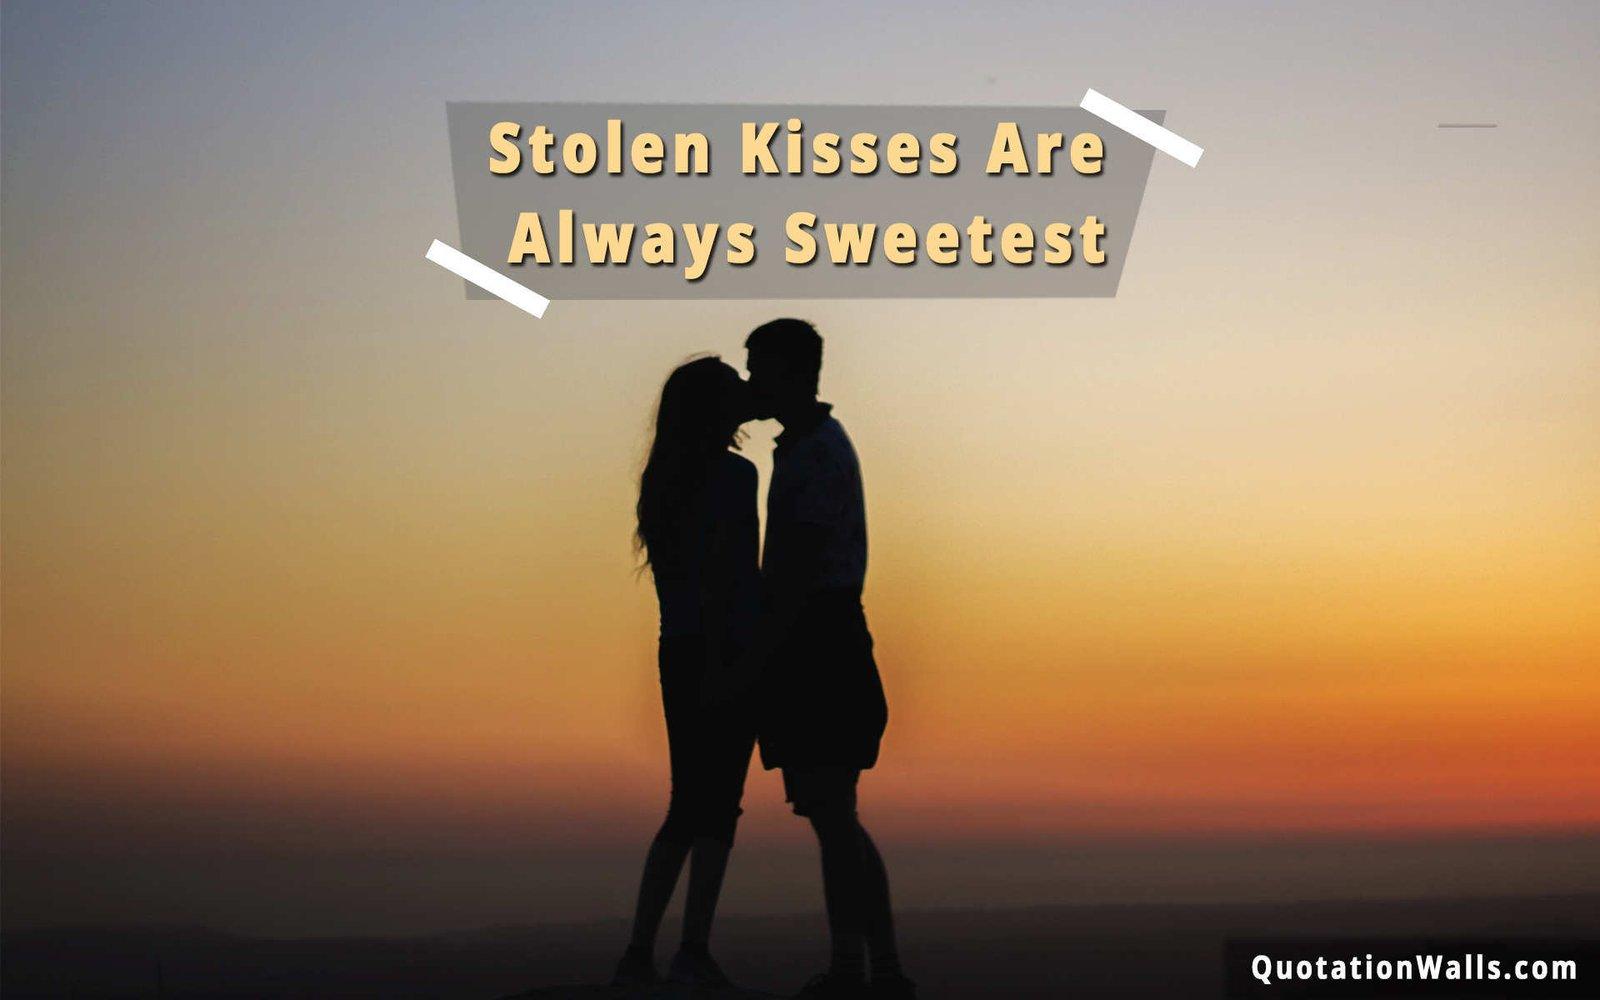 Most Inspiring Wallpaper Mobile Kiss - stolen-kisses-mobile  Pic_845994.jpg